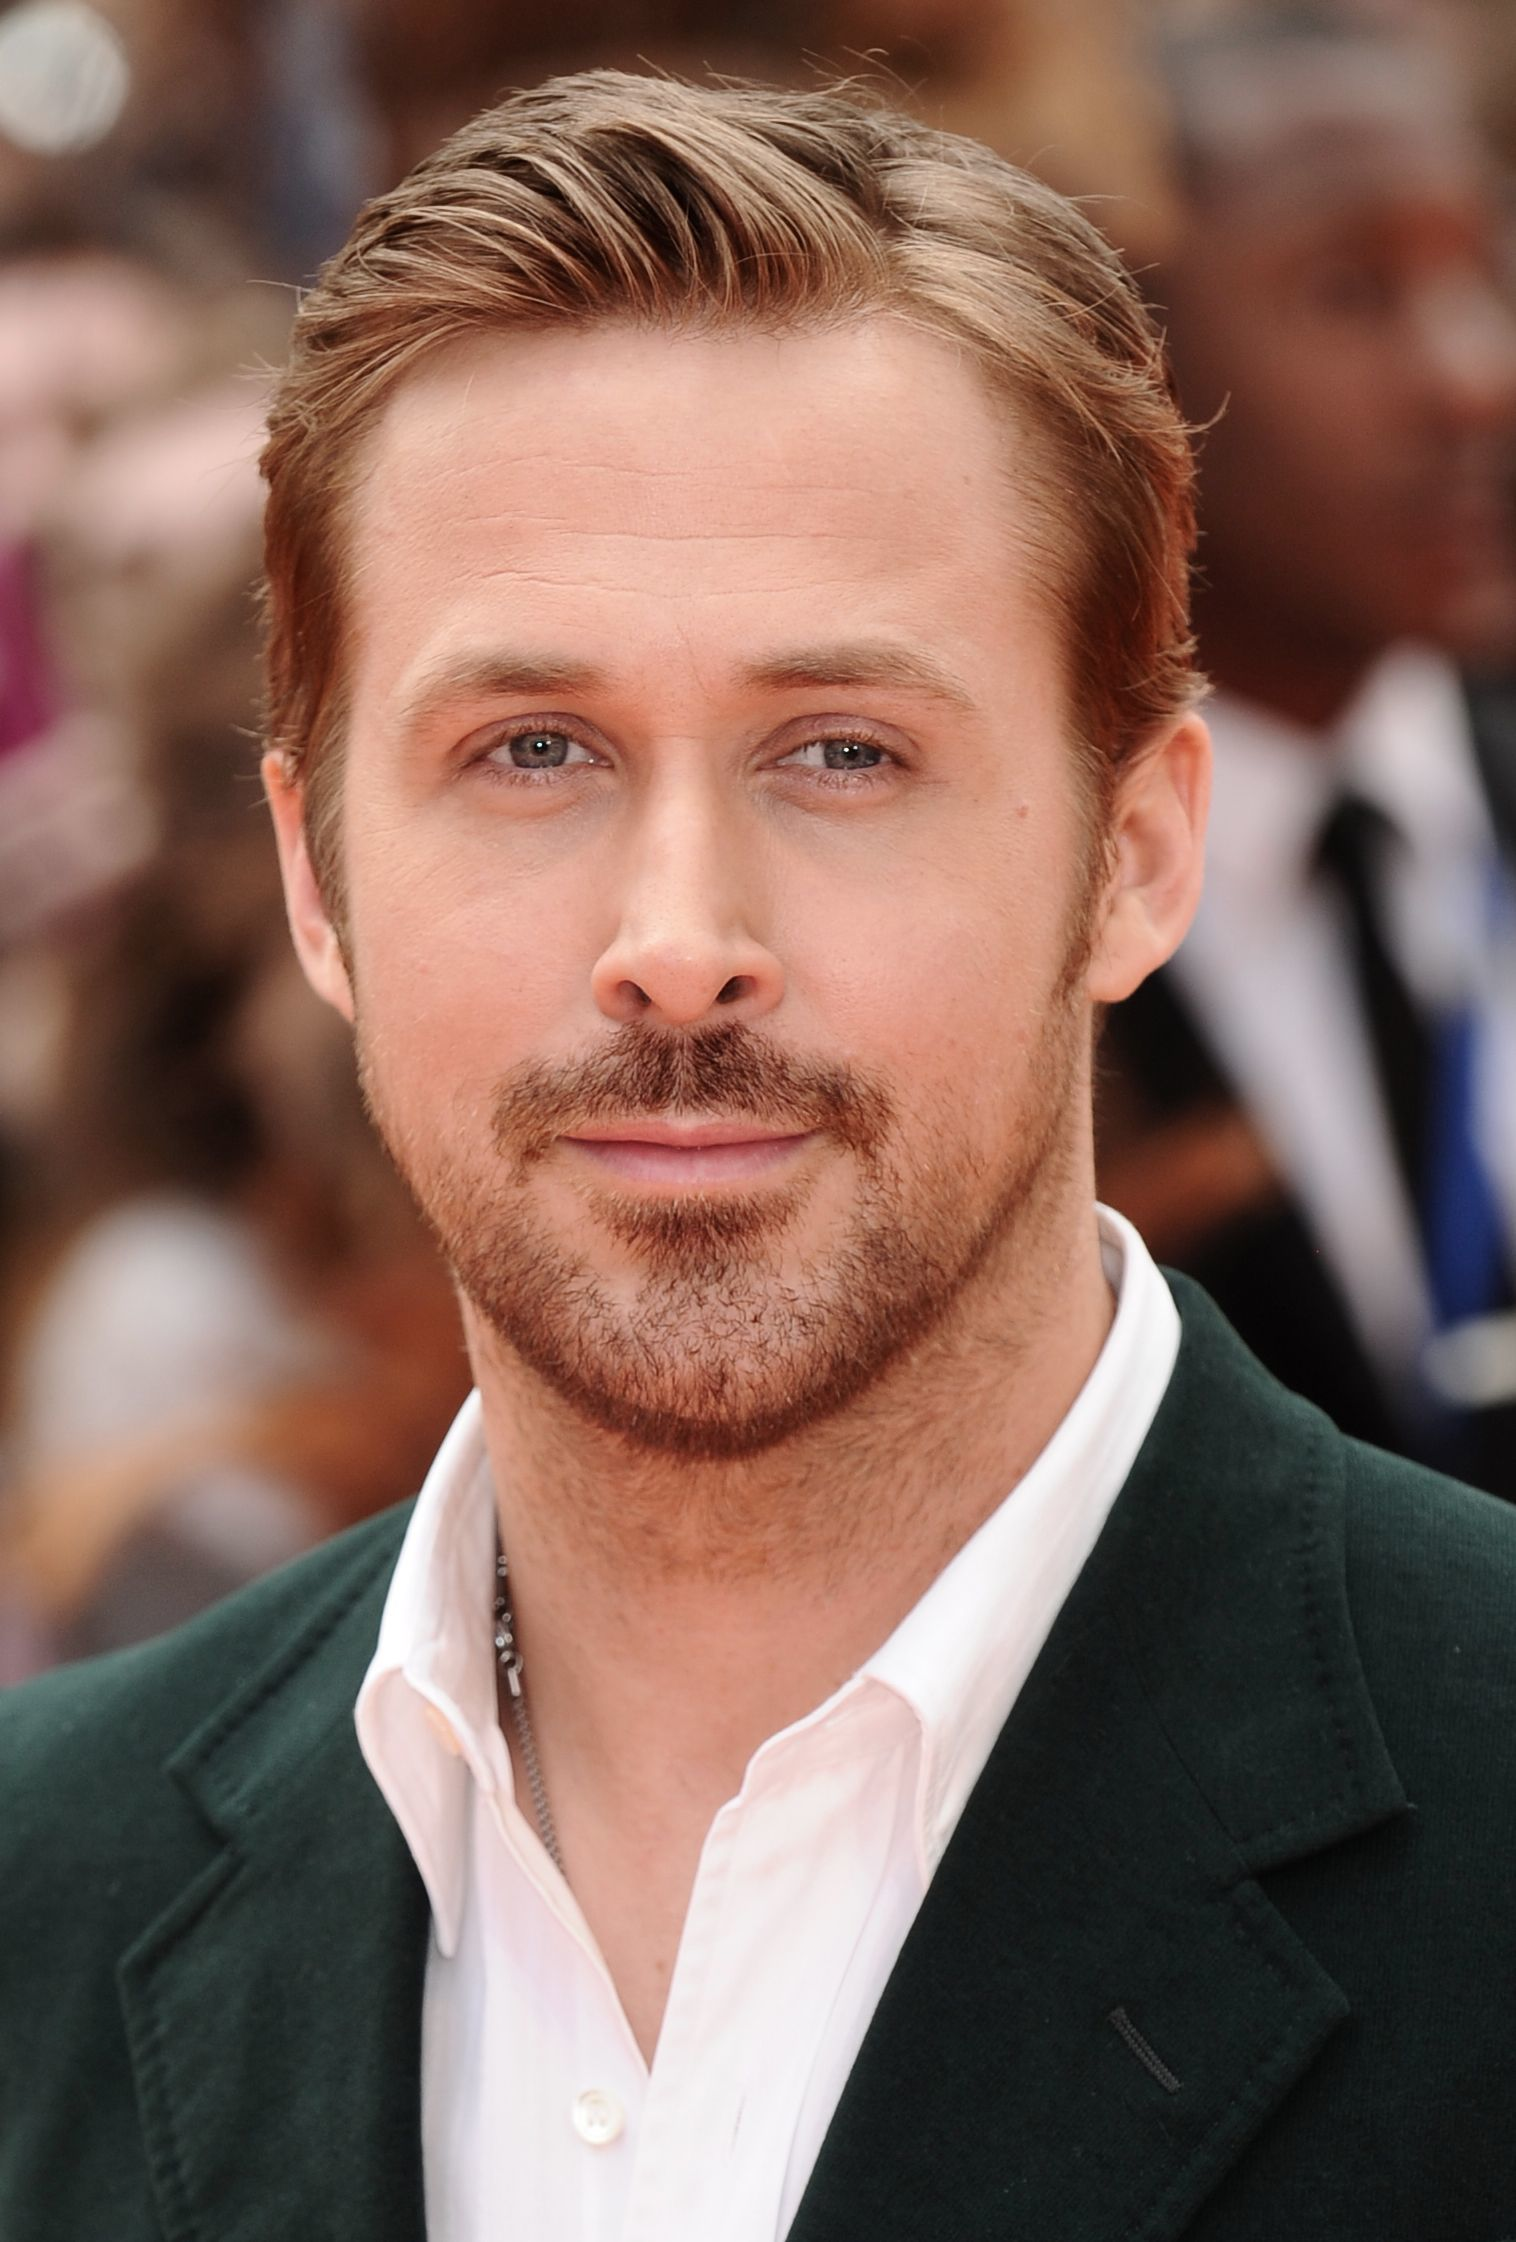 Coupe de cheveux de Ryan Gosling : Ryan Gosling avec une coupe de cheveux et une barbe en peigne, portant un costume vert